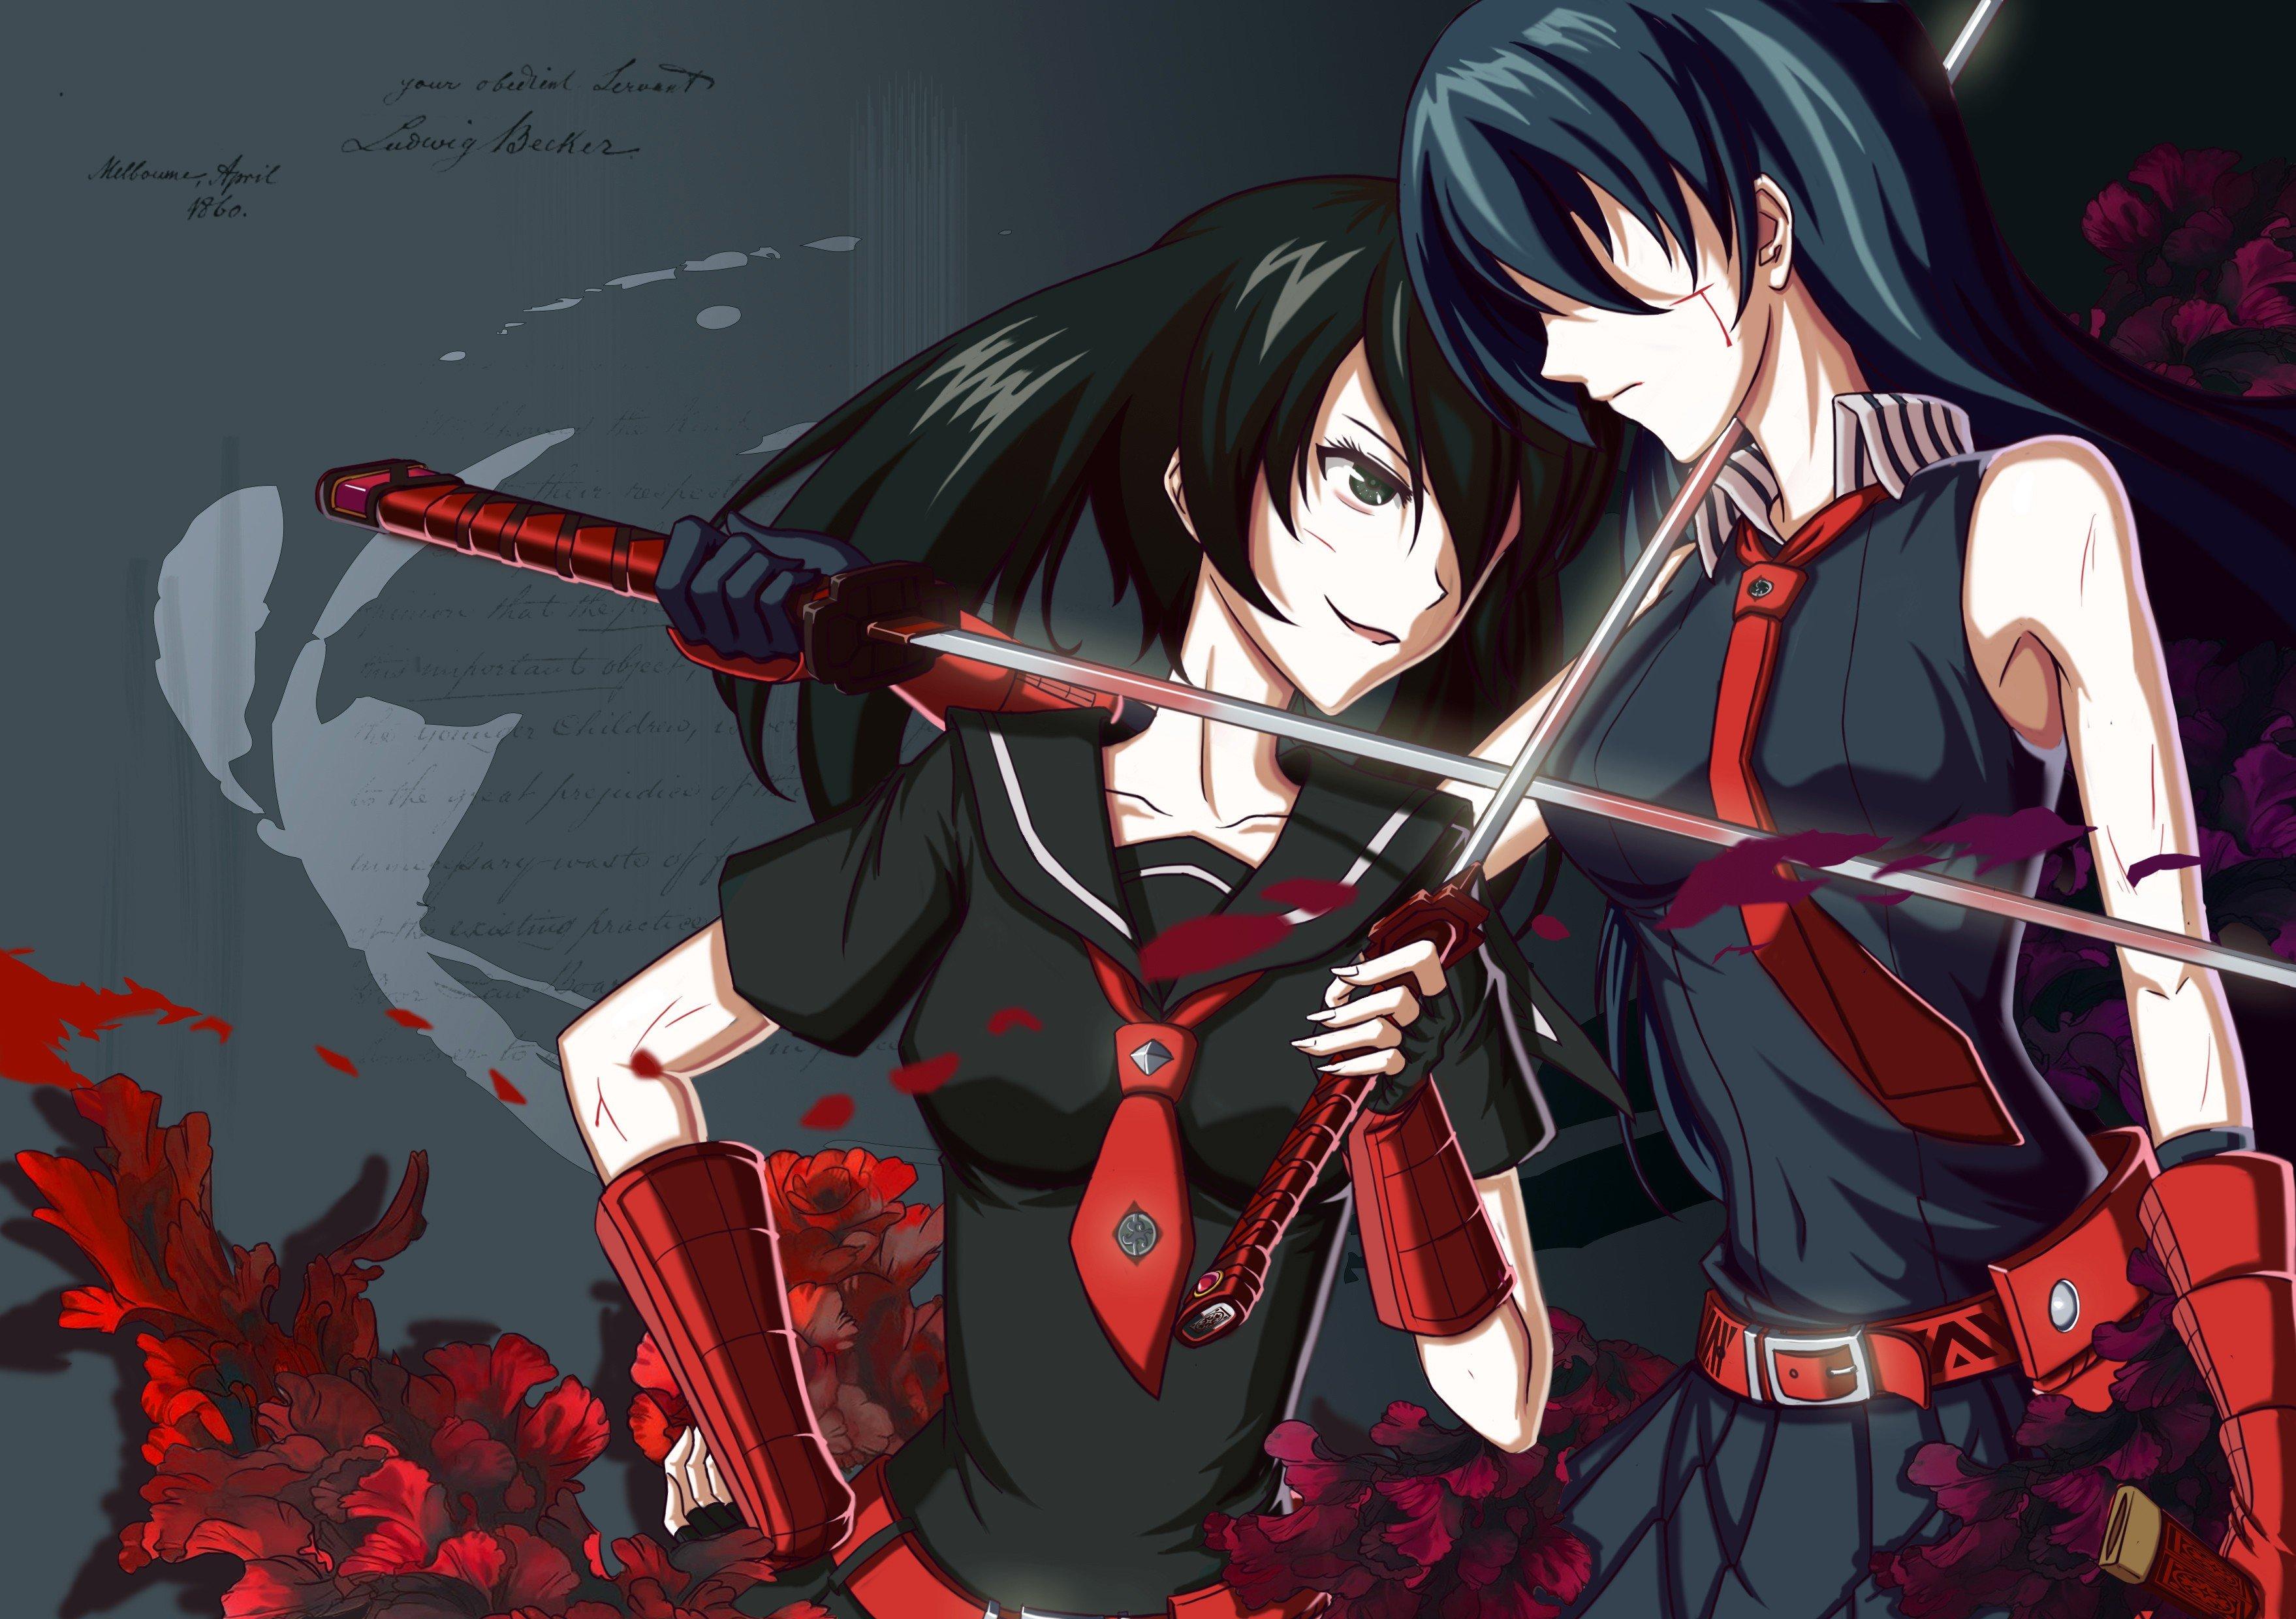 Akame Ga Kill Akame Kurome Sword Hd Wallpapers Desktop And